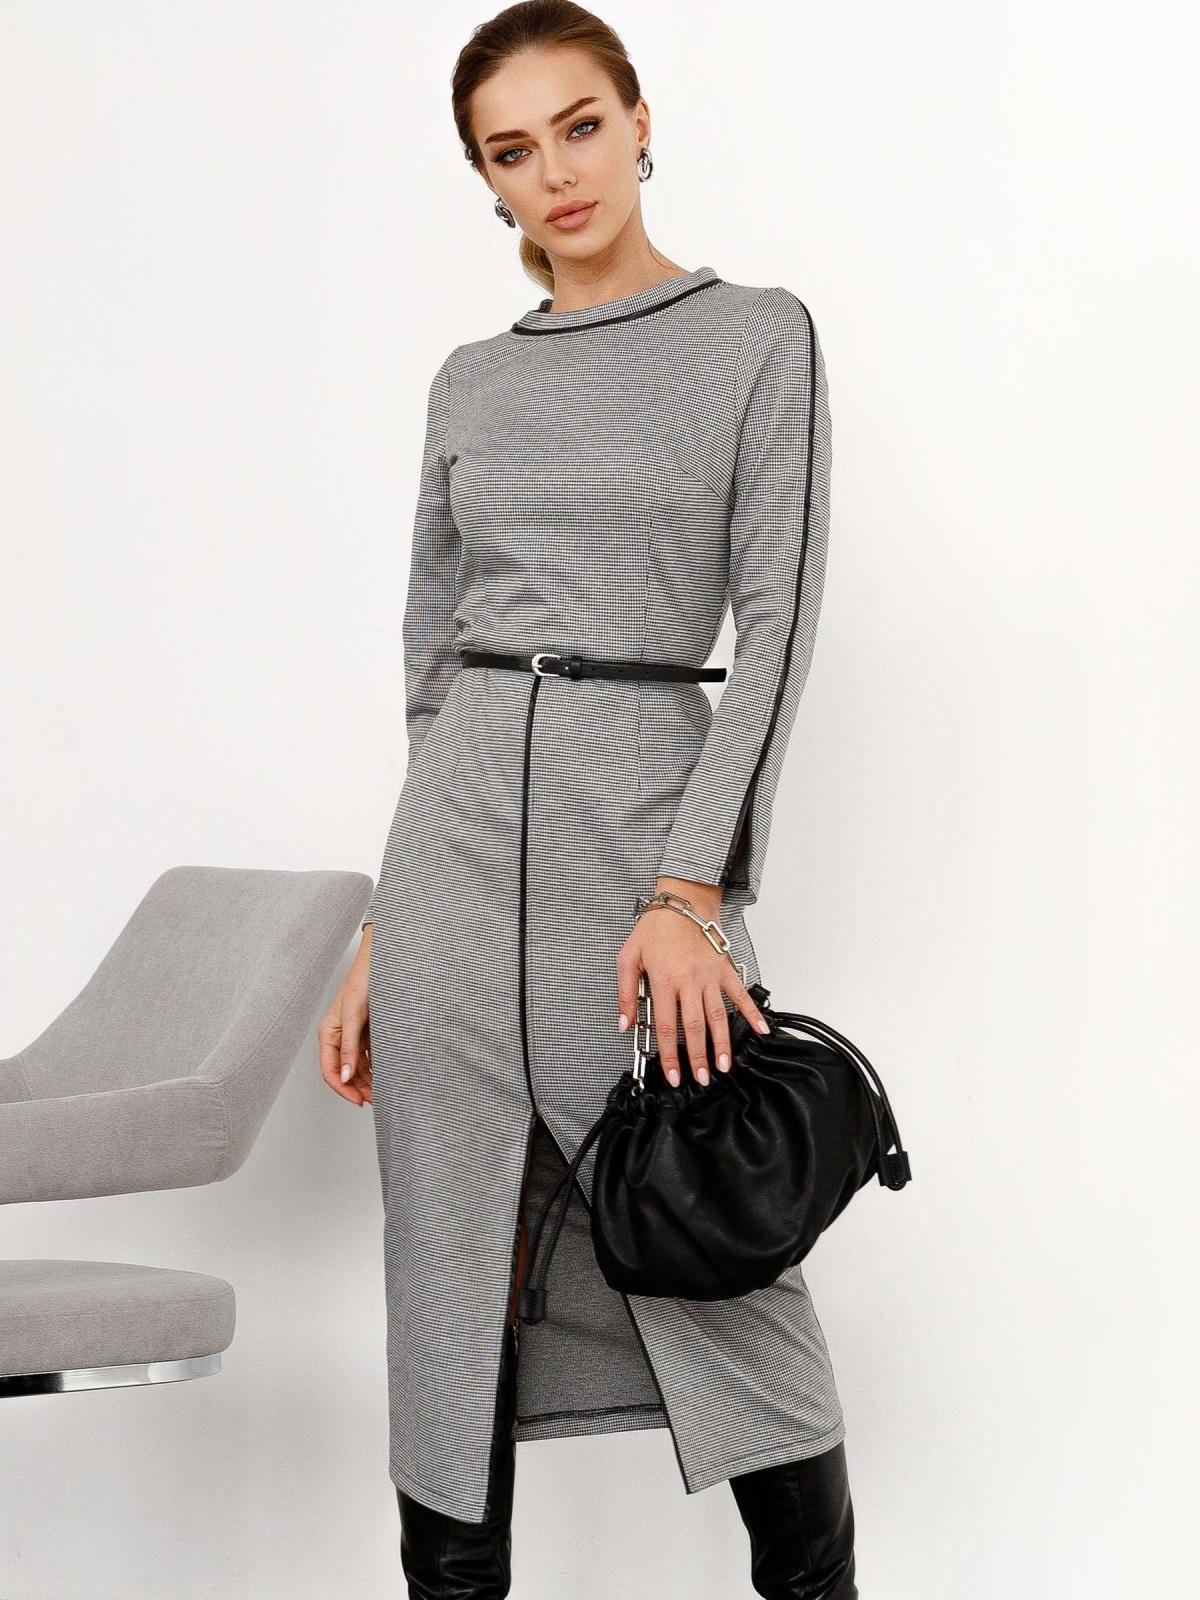 Модель в сером теплом приталенном платье с разрезом